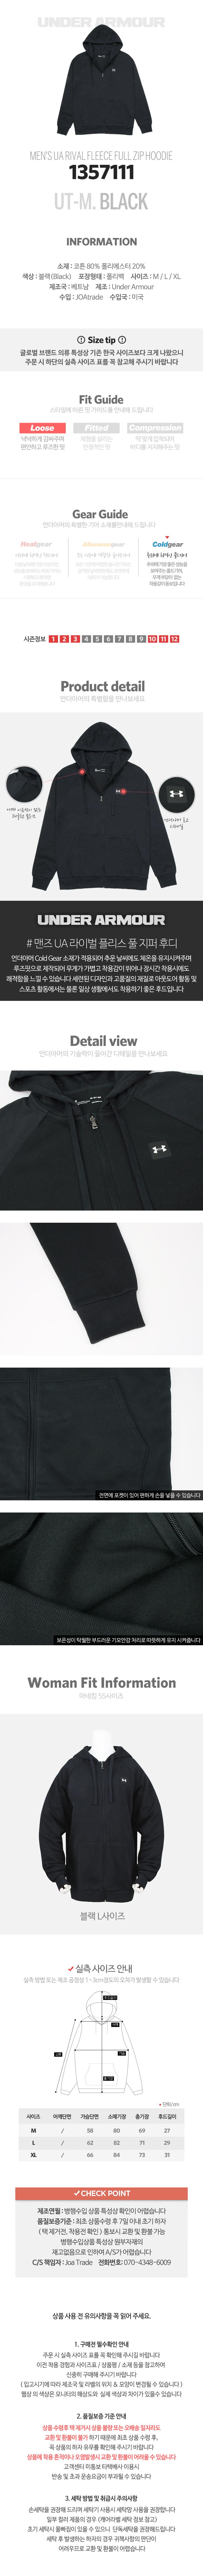 언더아머 기모 후드 집업 UA 라이벌 플리스 UT-M 블랙